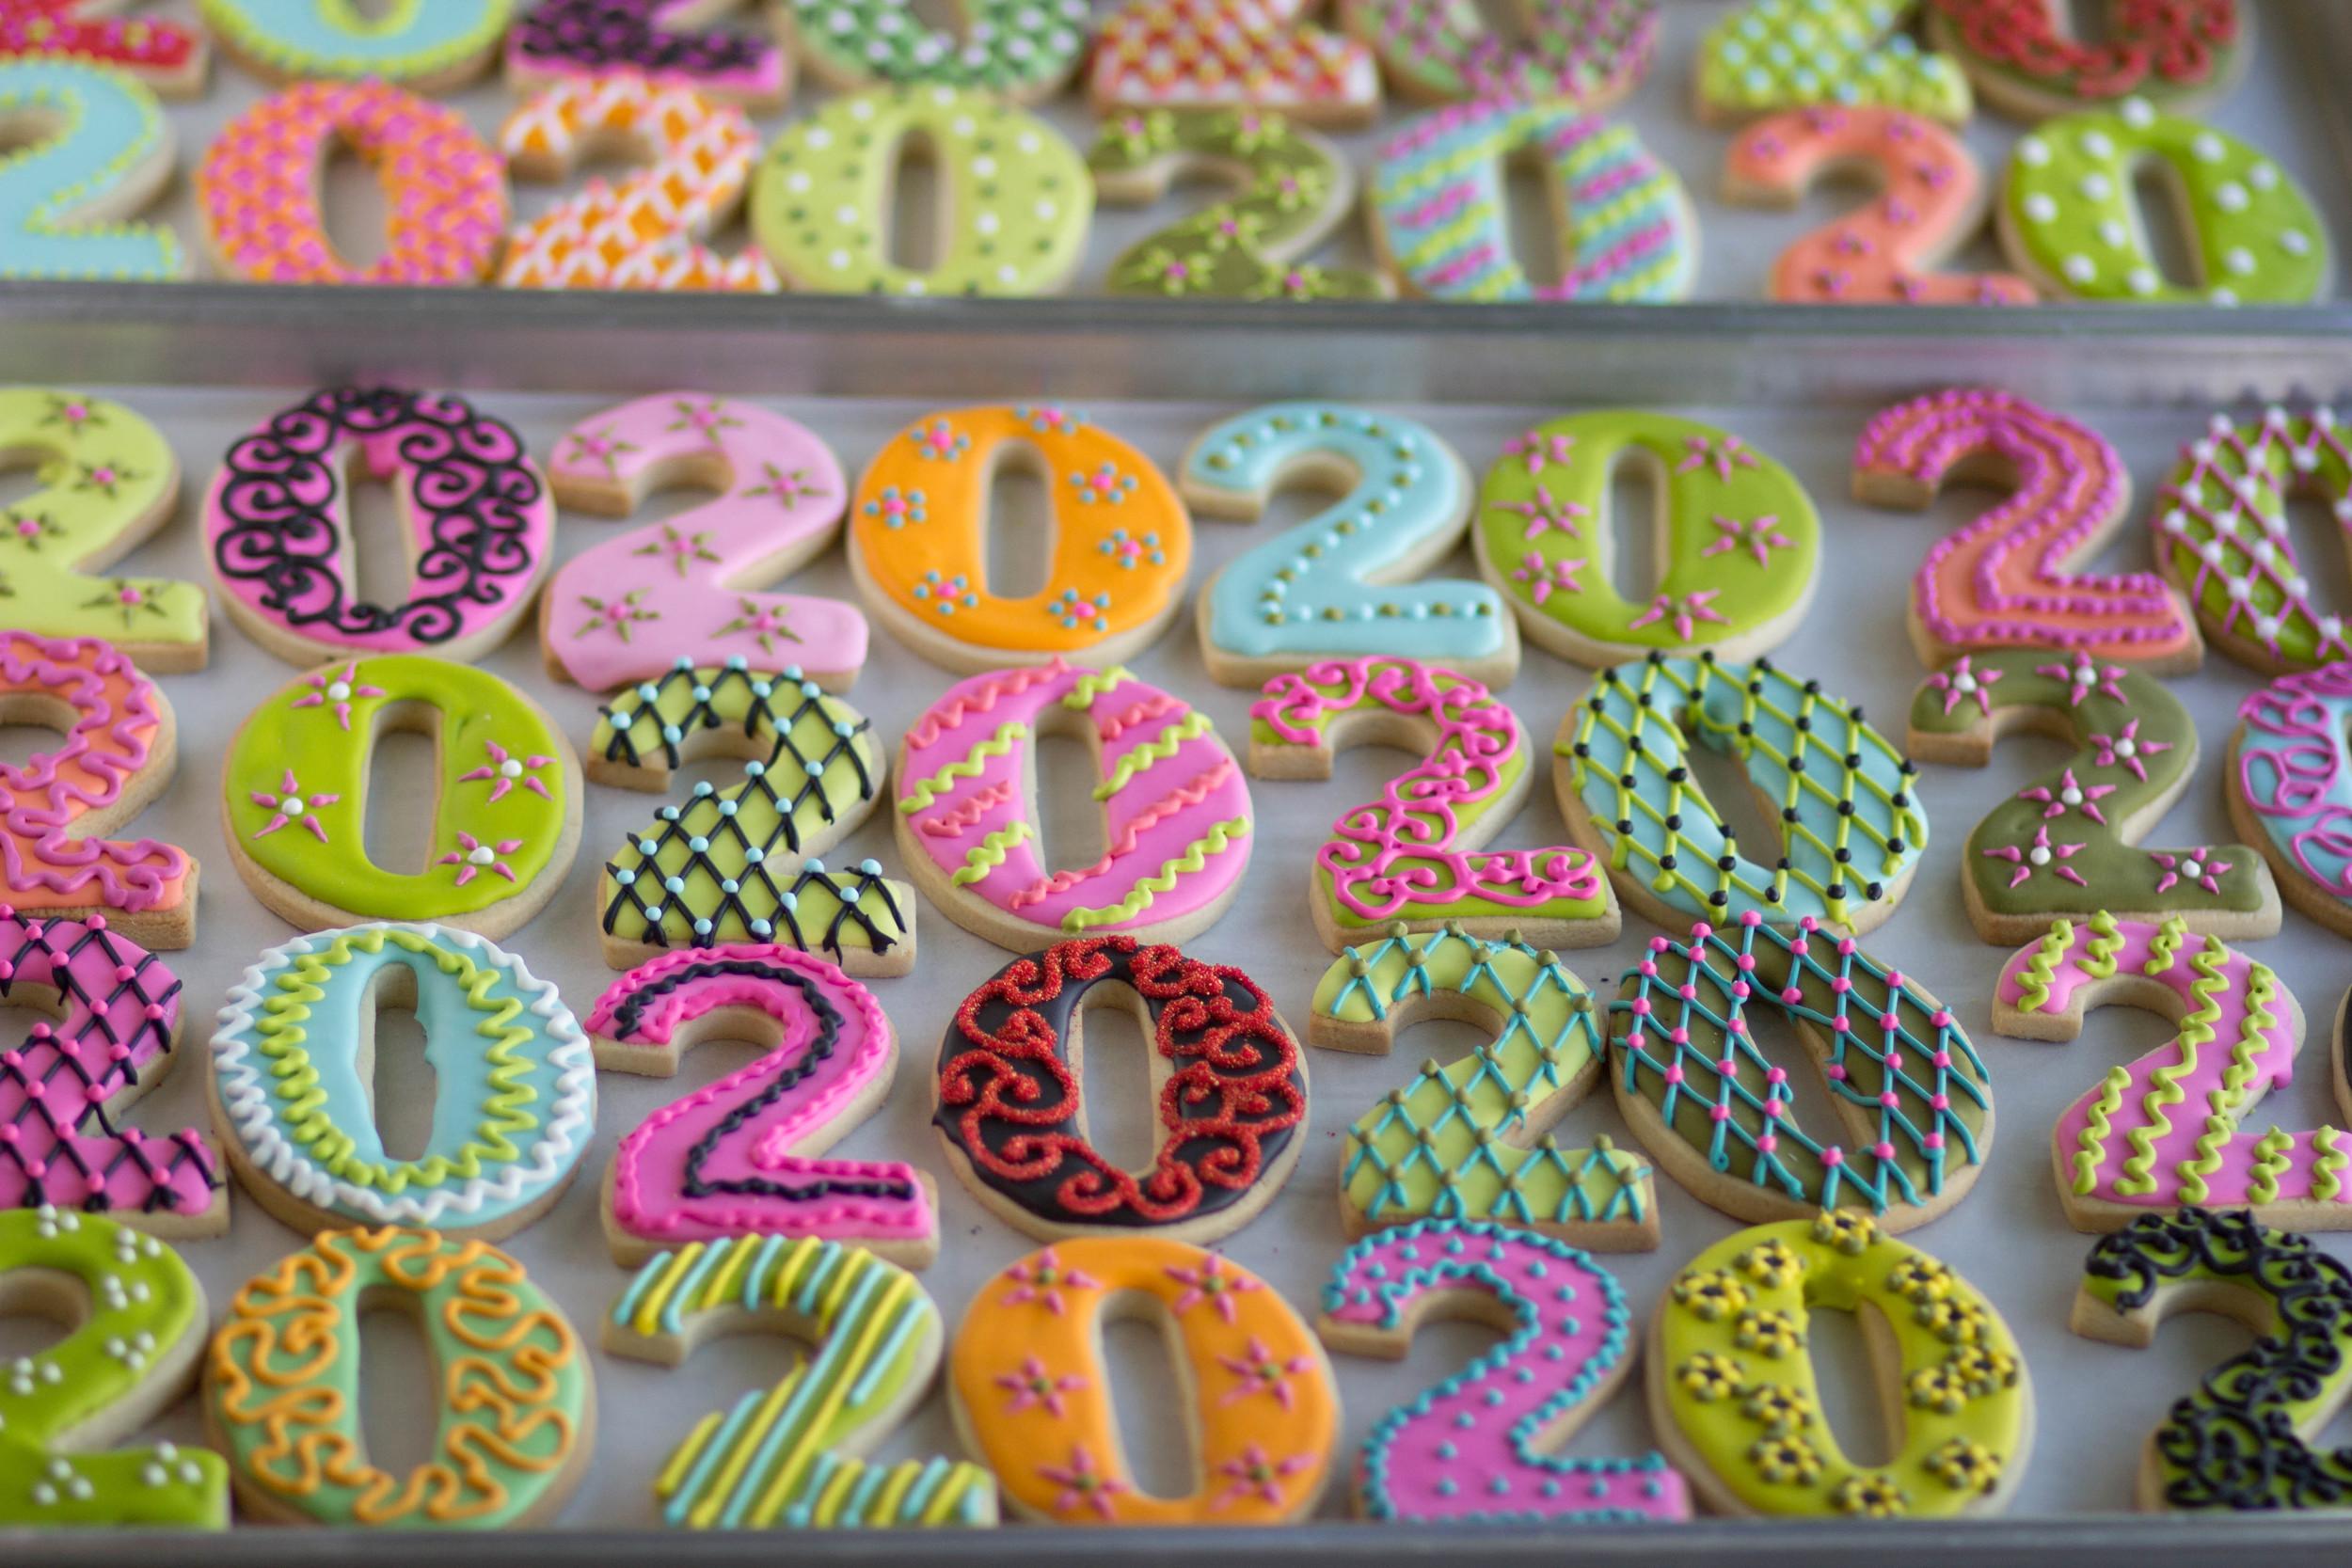 20 cookies.jpg